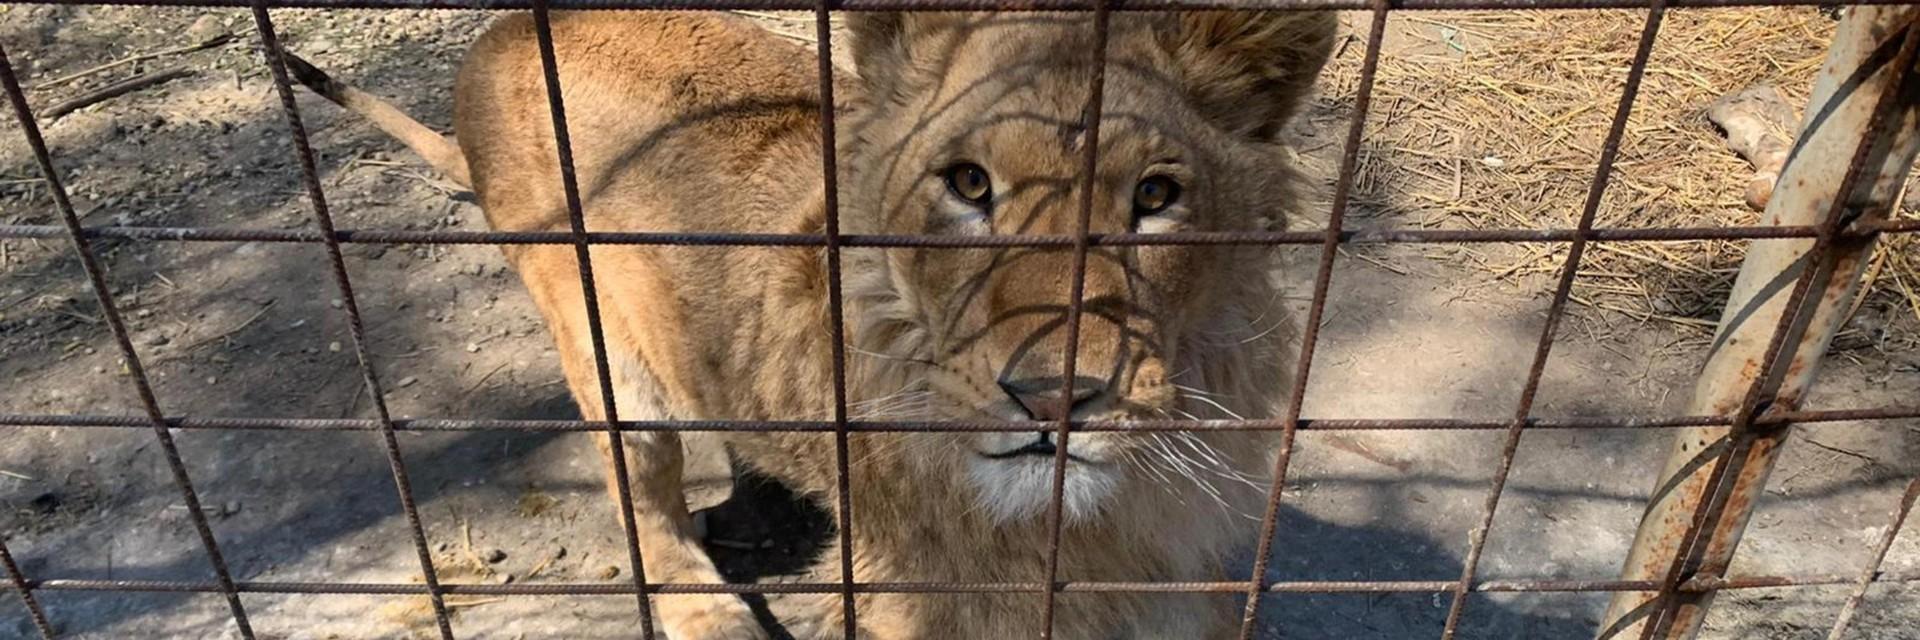 Zeven leeuwen in Roemenië